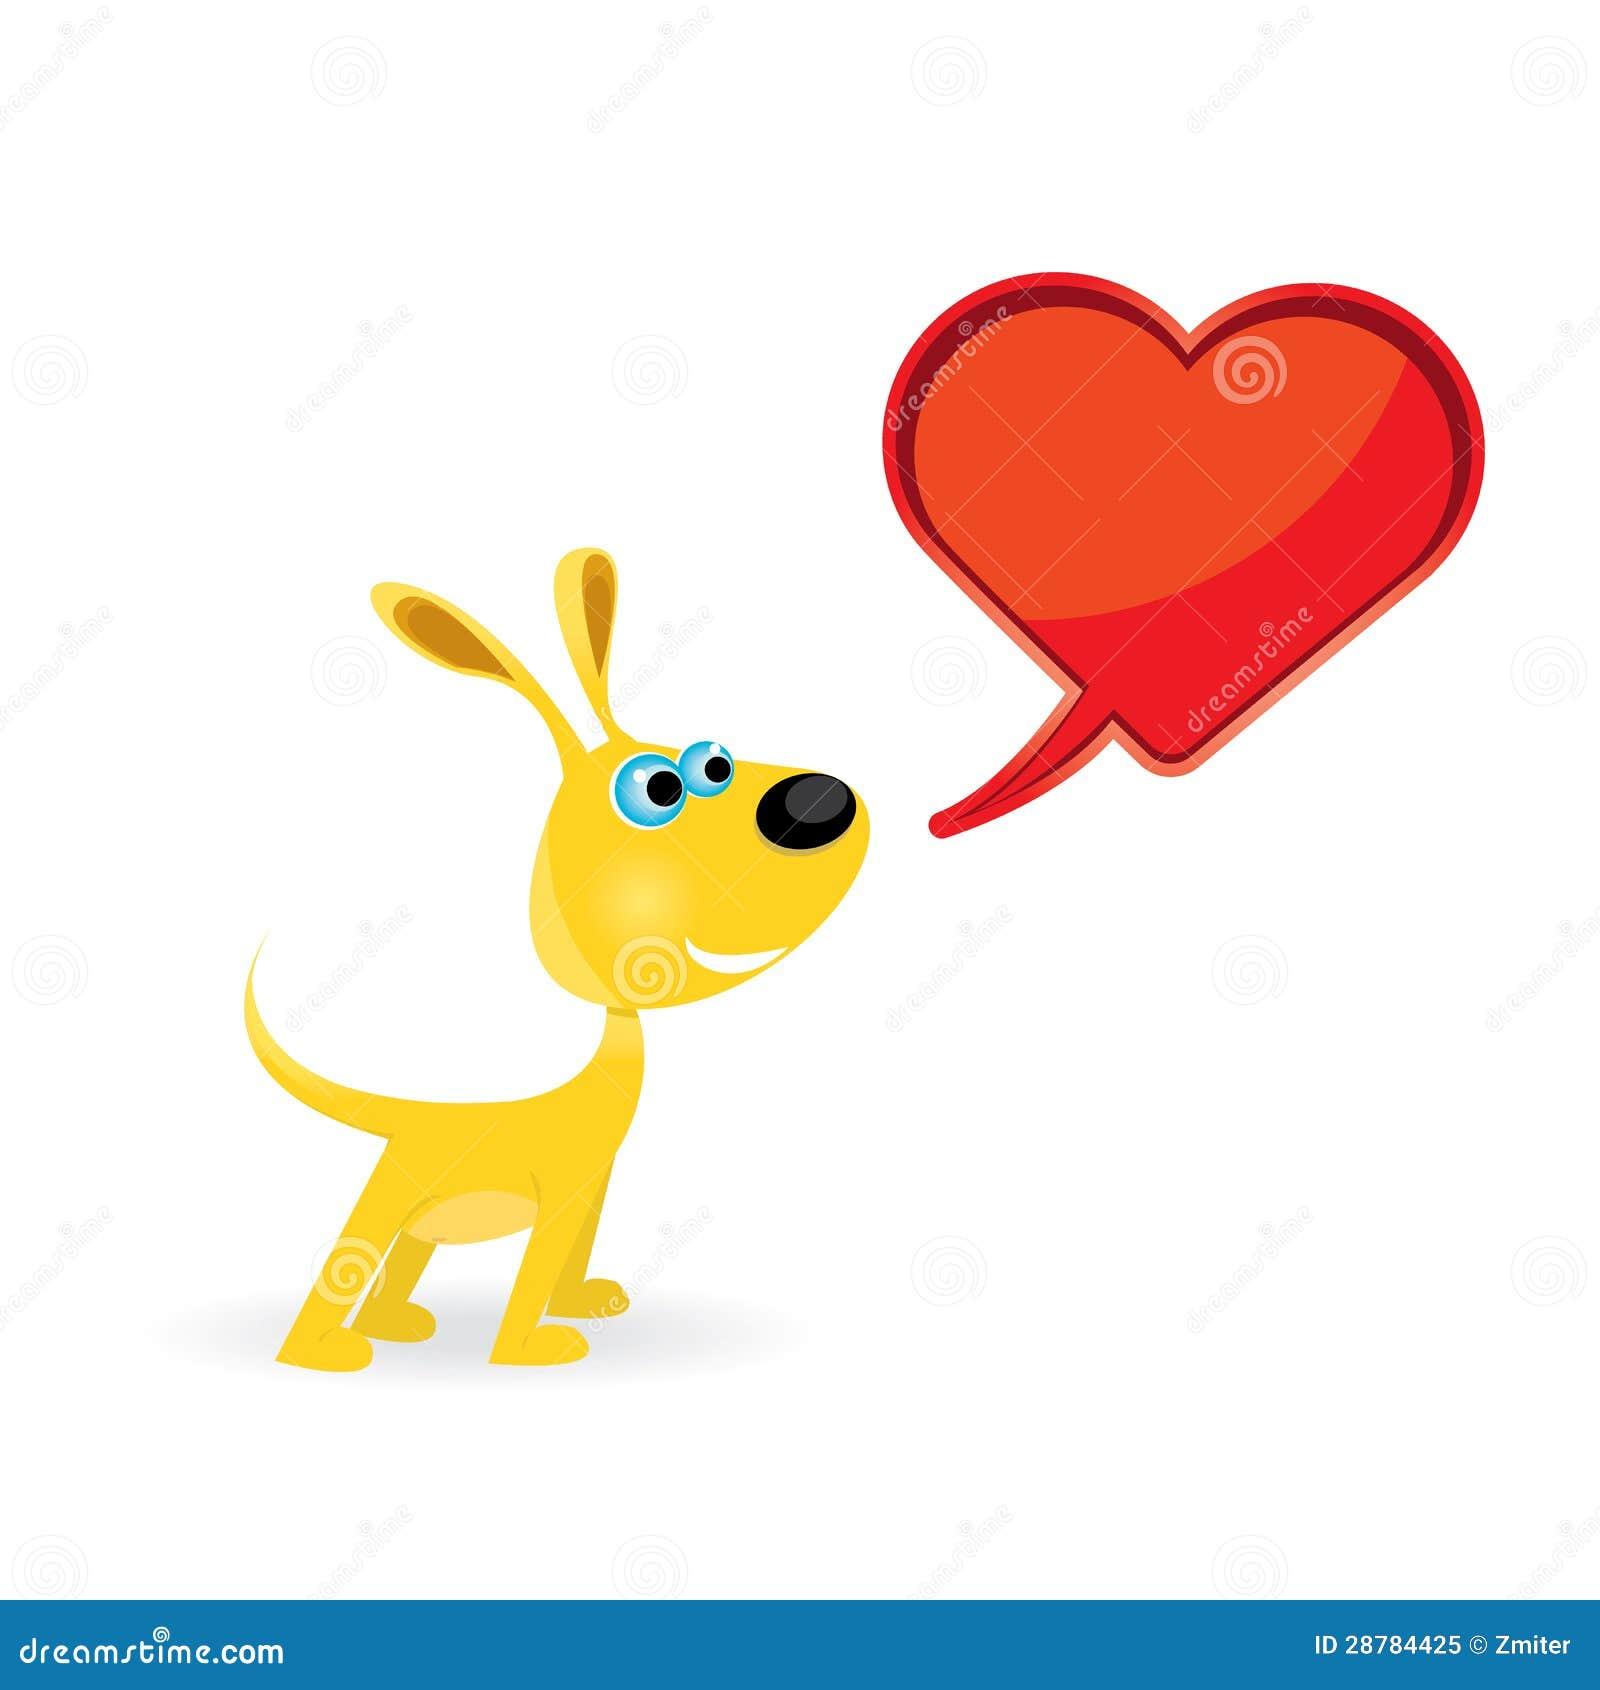 Vector Cute Cartoon Dog With Heart. Stock Vector ...